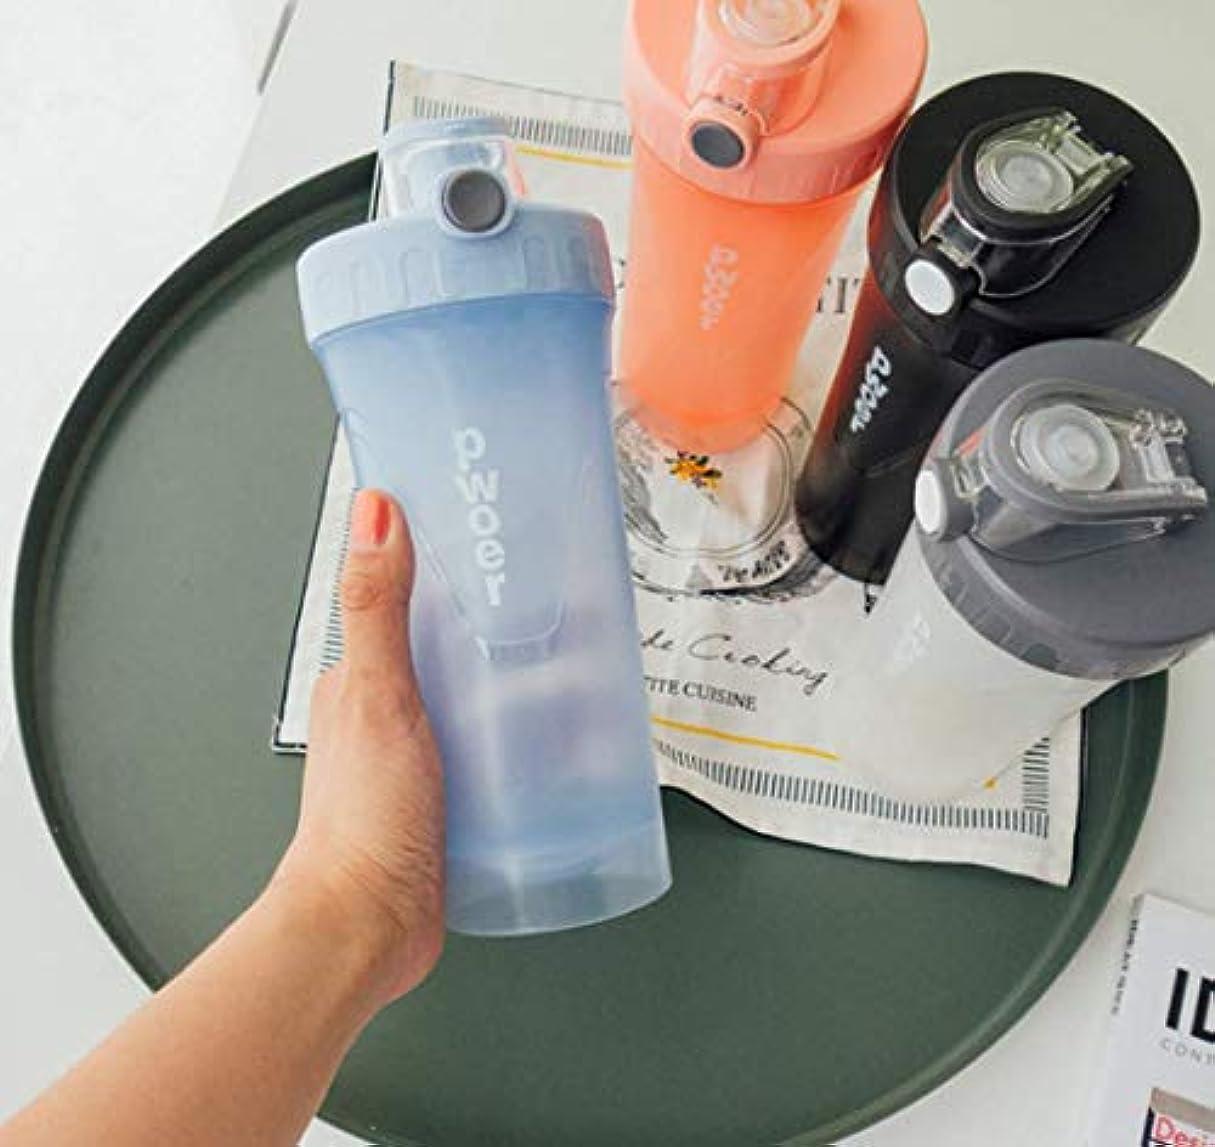 代わりのポップ飲食店プロテインシェーカー 栄養錠剤ビタミン入れ ダイエットドリンク用 タンパク質パウダーミキサーボルト 栄養補給 プロテイン 収納ケース 水筒 漏れ防止 シェーカーボトル